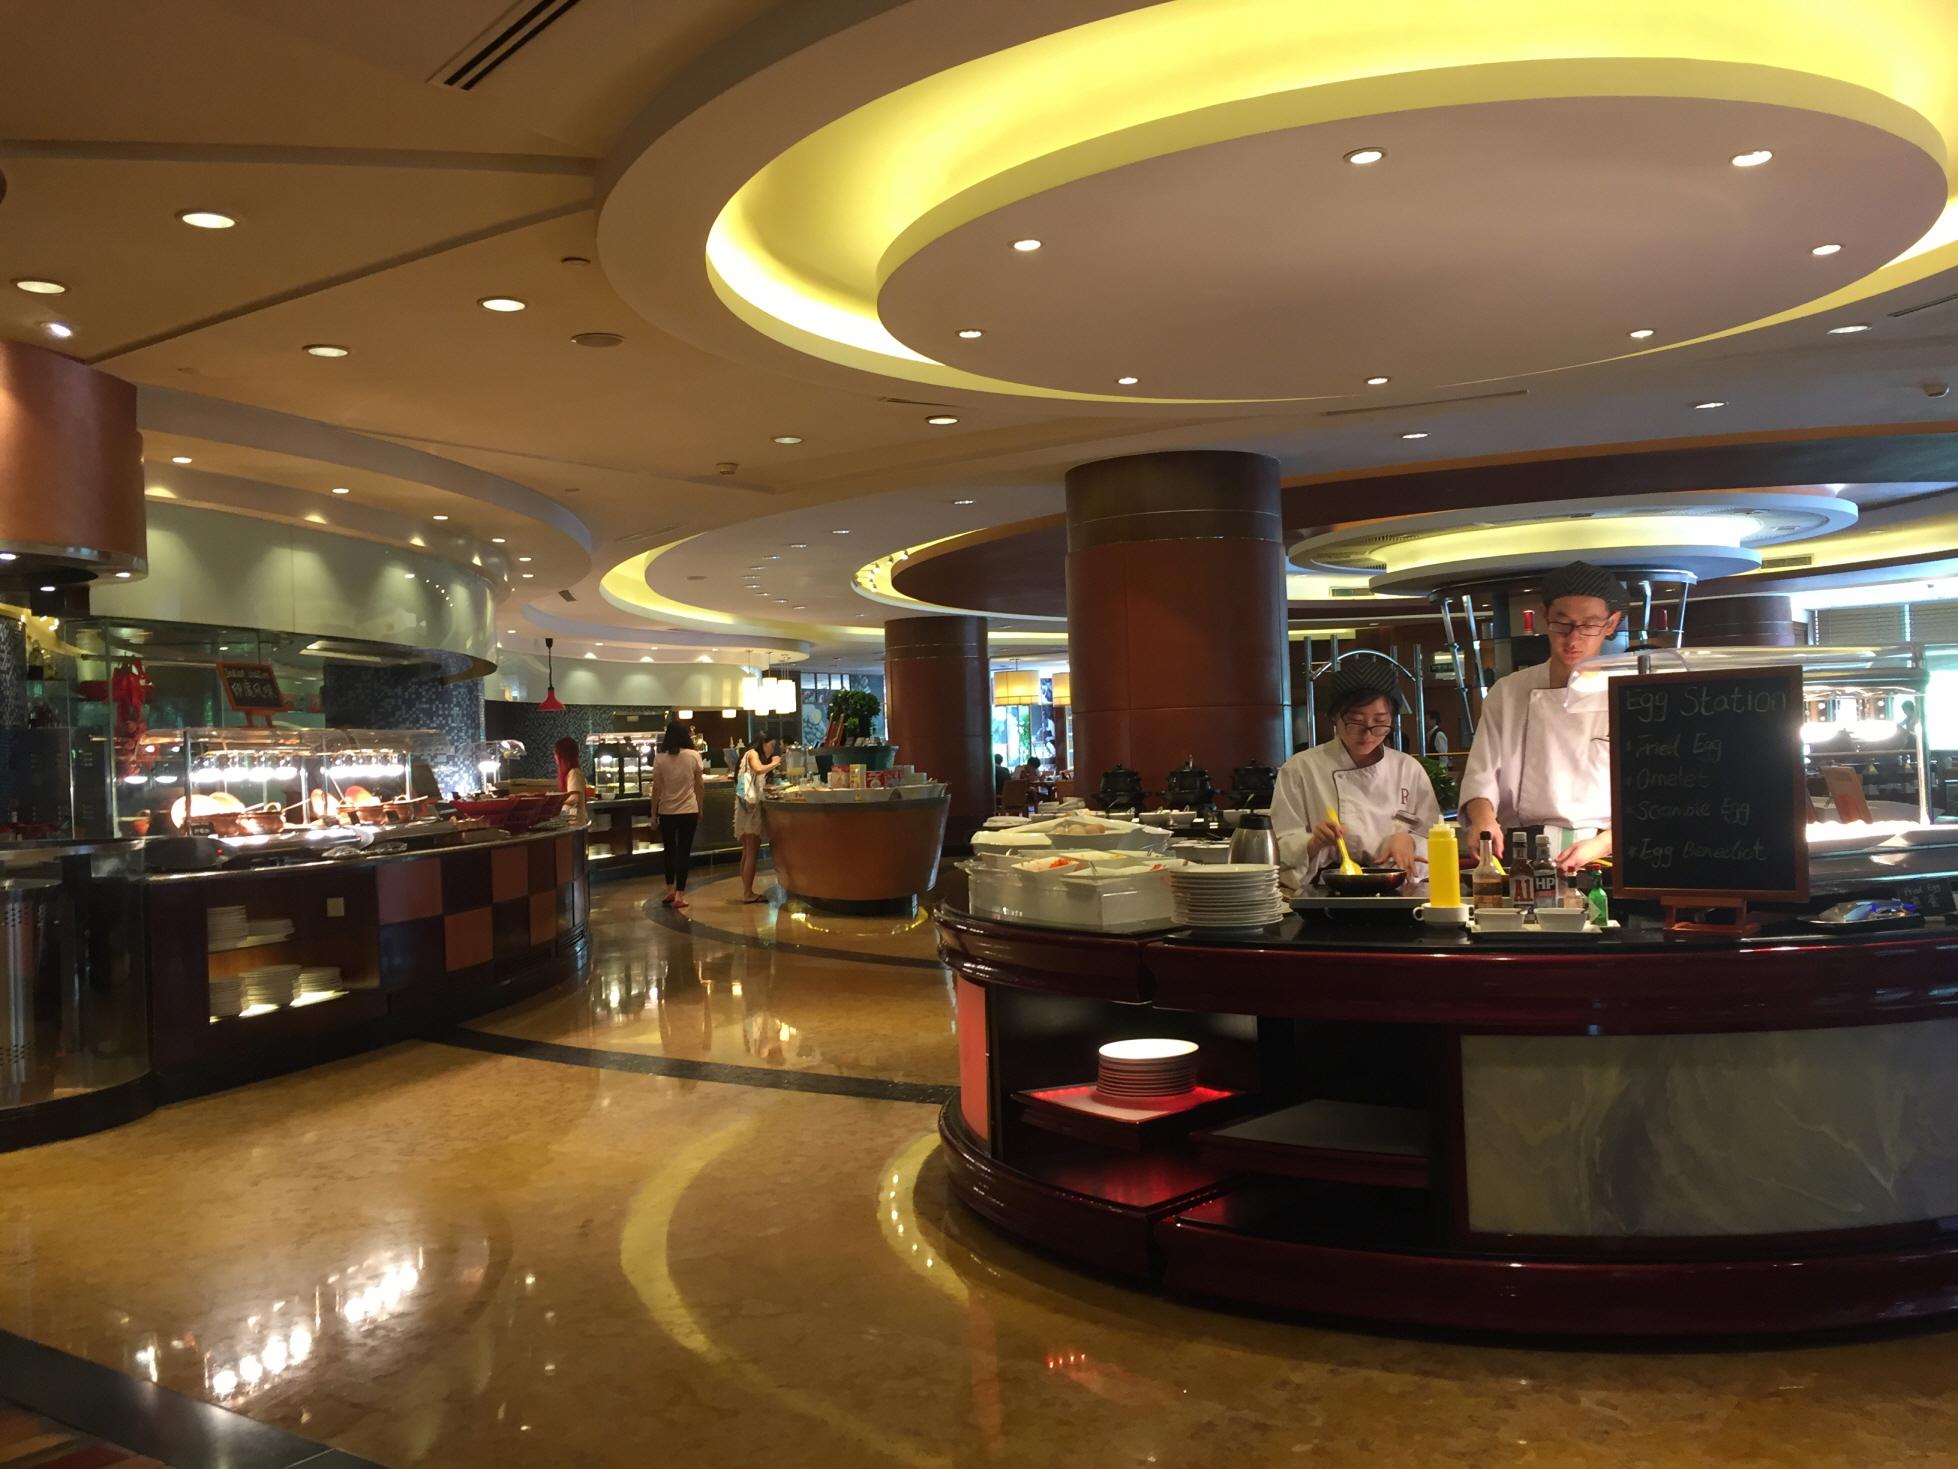 상하이먹방 (4) 5일간 쳐묵쳐묵한 중국 호텔 조식뷔페